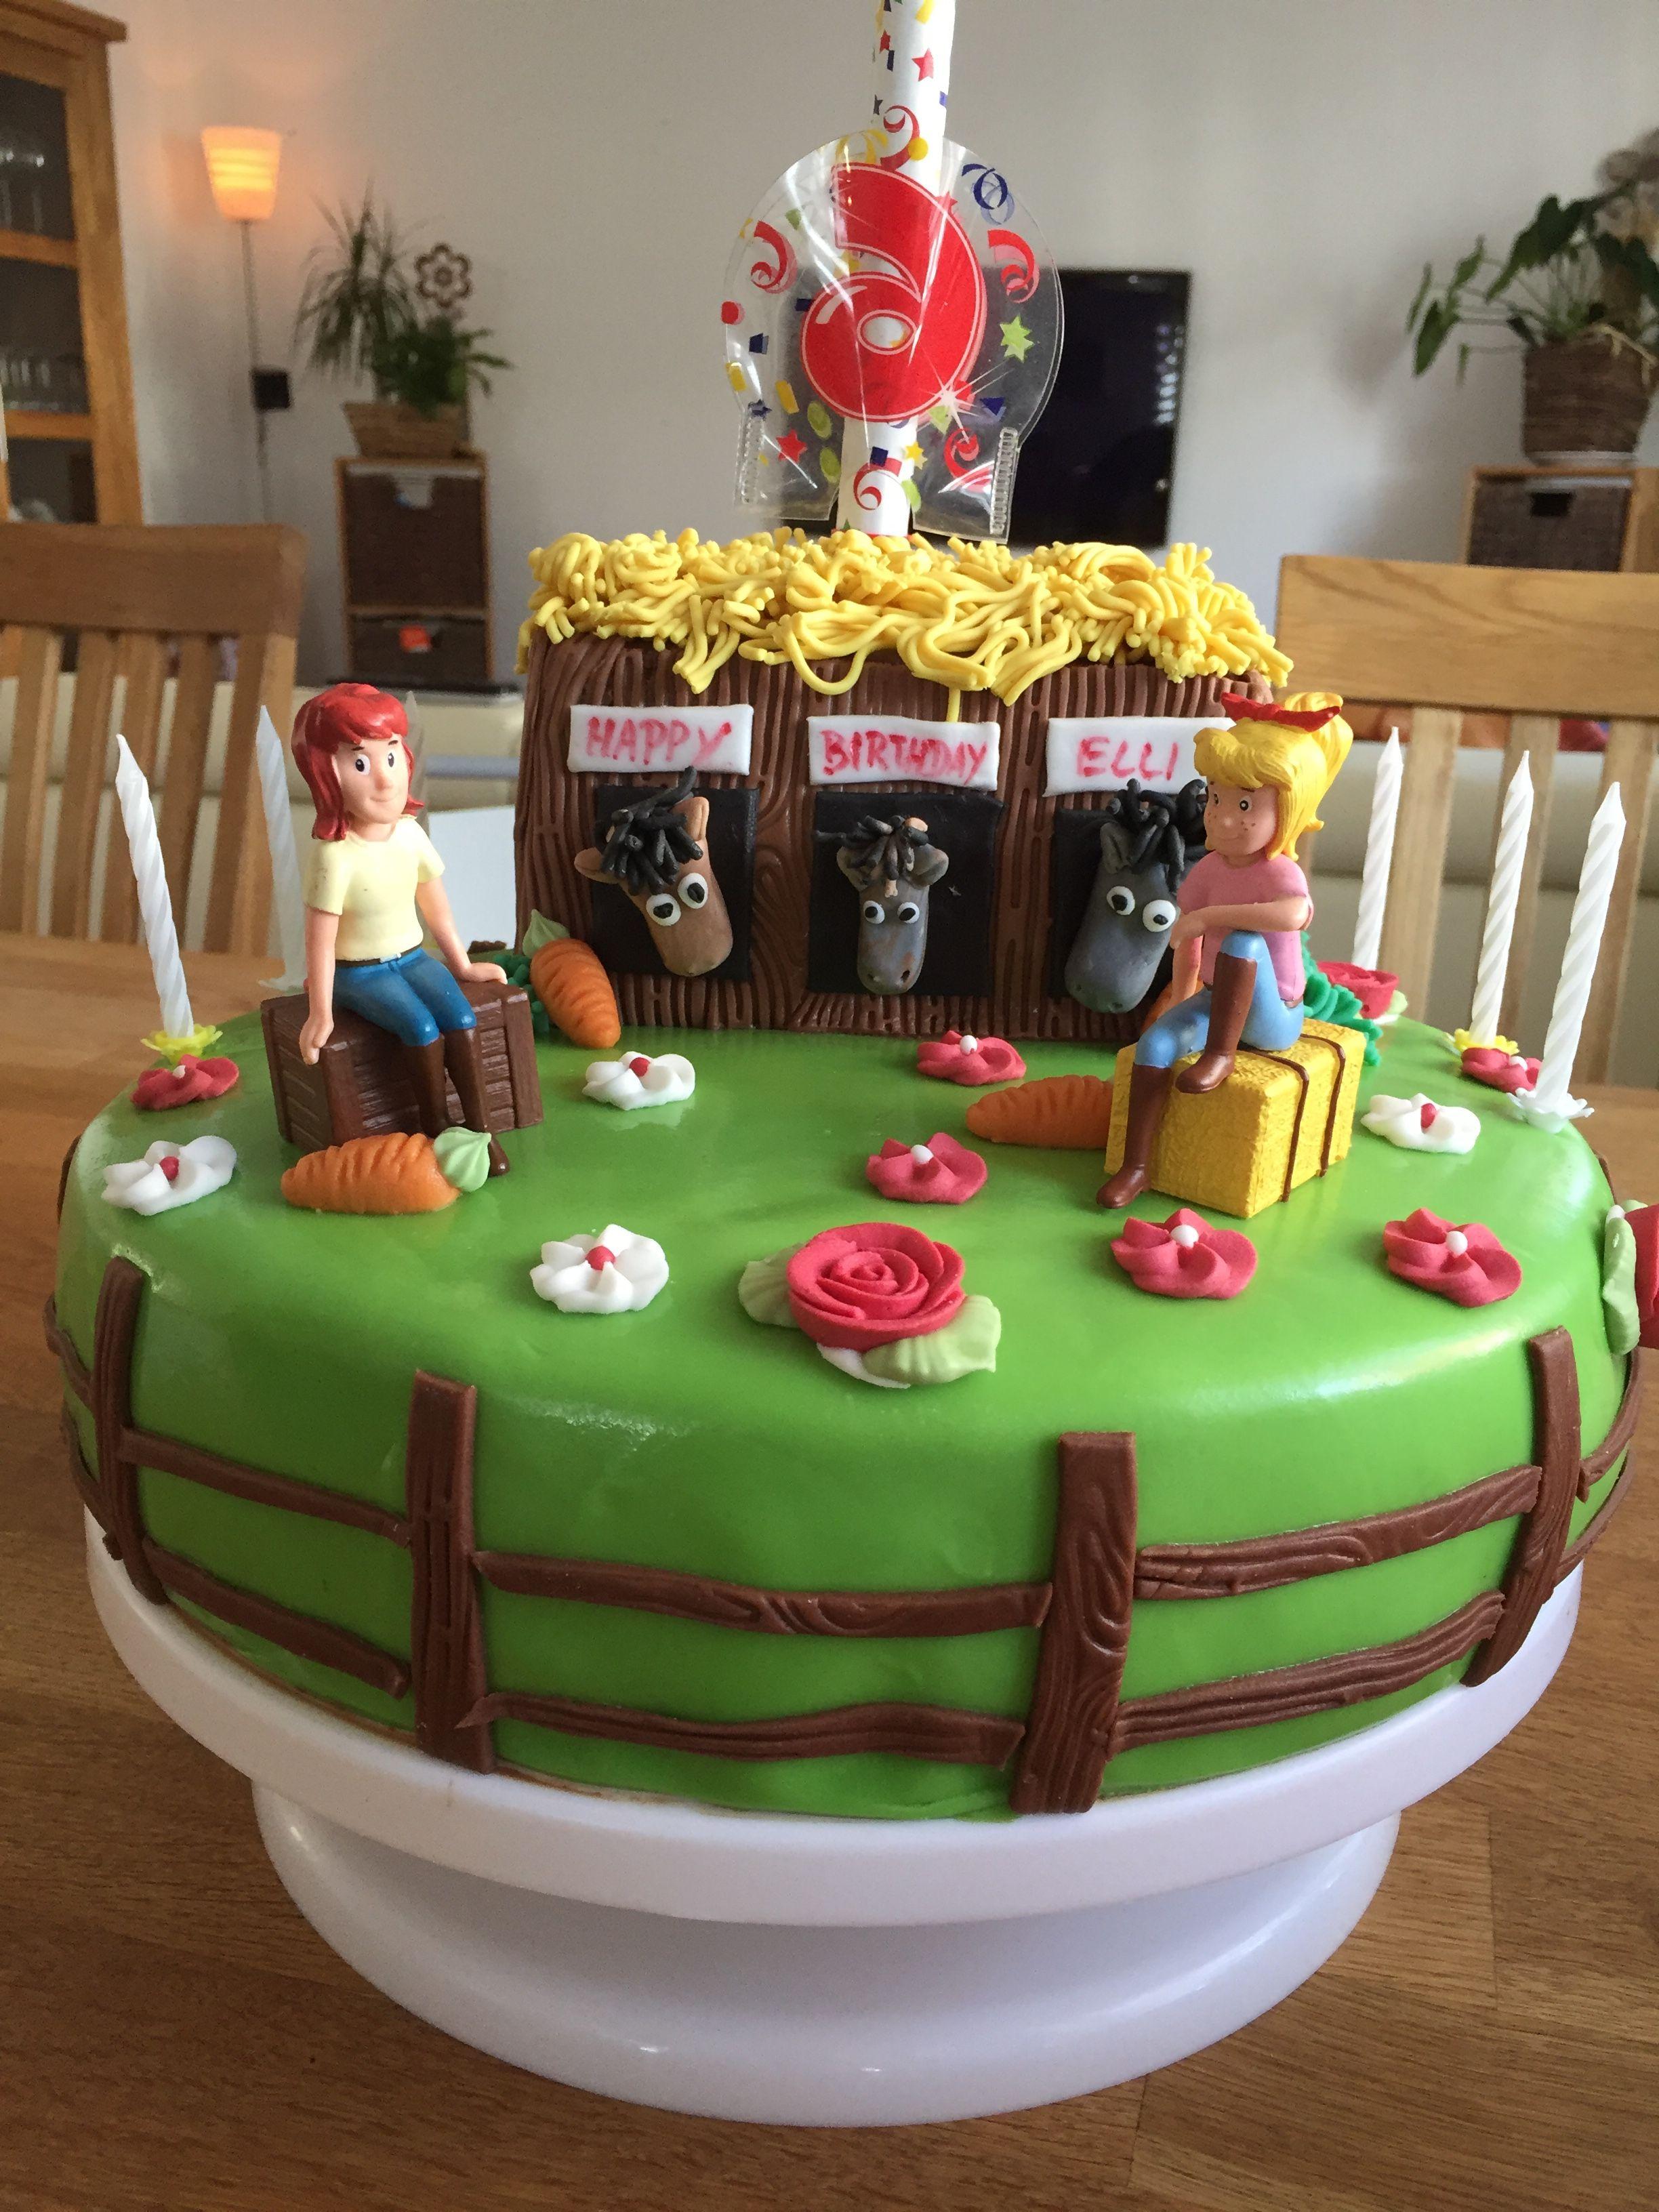 Bibi Und Tina Torte Bibi Und Tina Torte Torte Kindergeburtstag Kuchen Kindergeburtstag